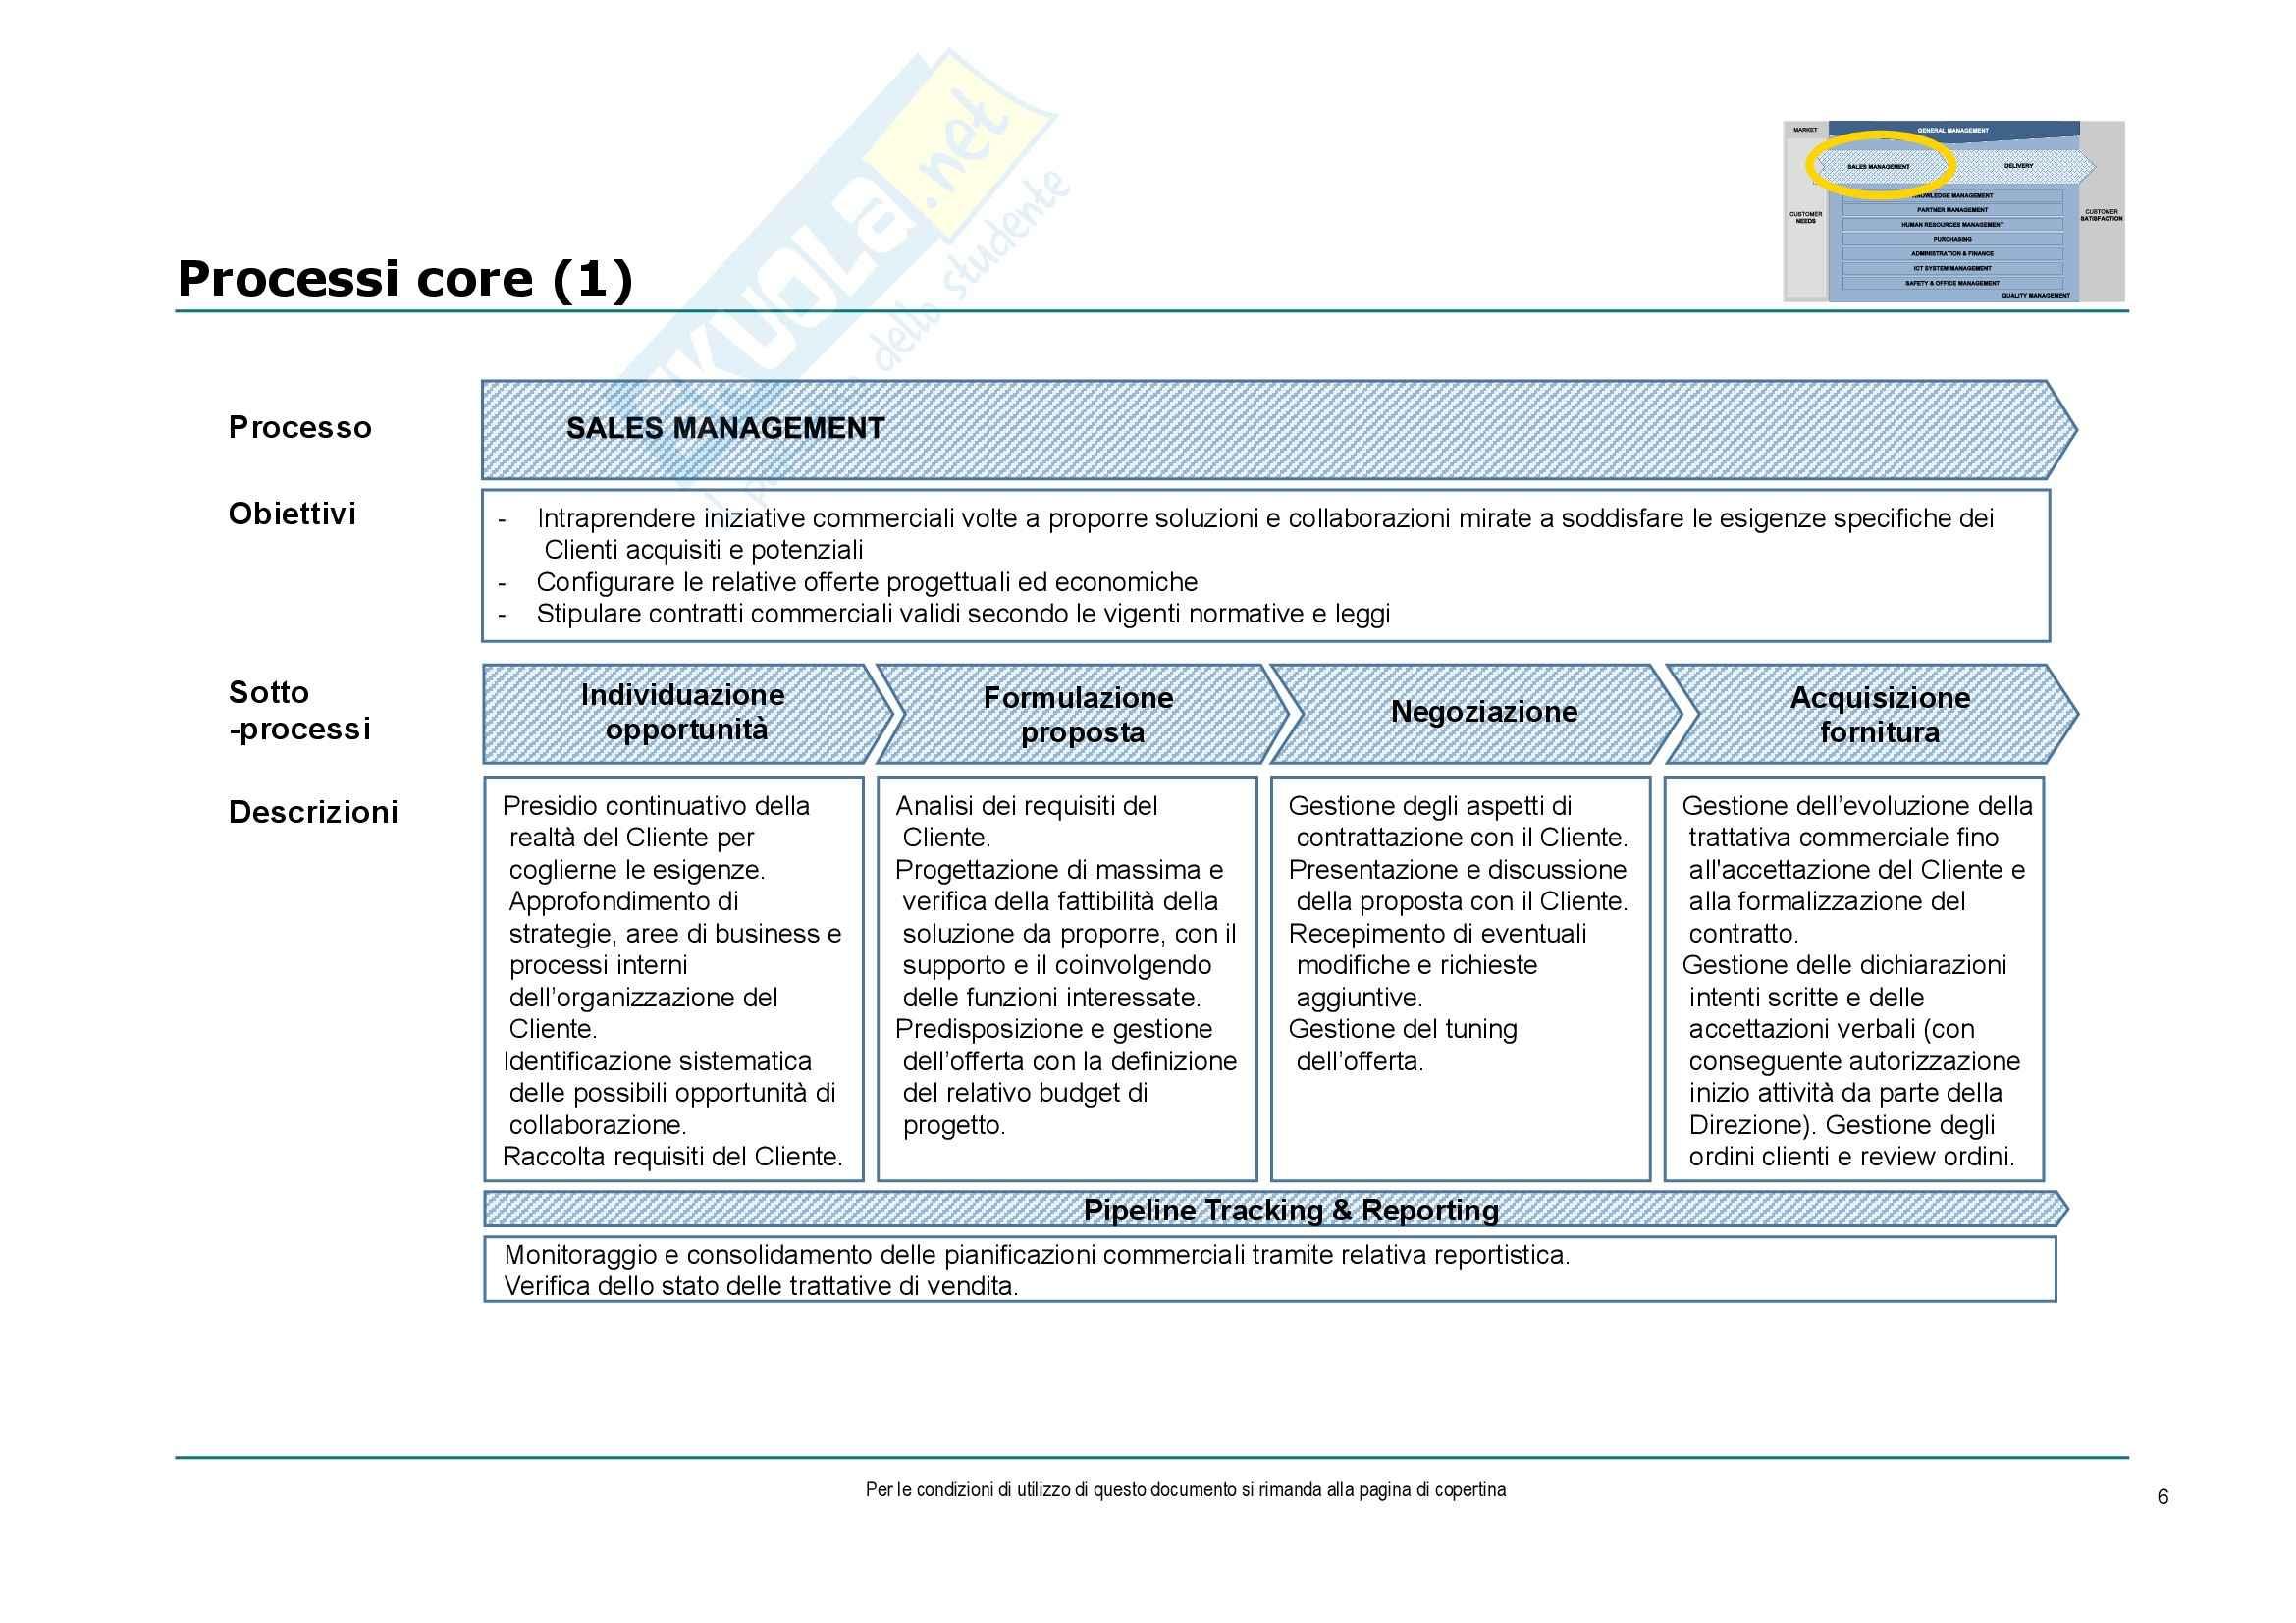 Economia ed organizzazione aziendale - consulenza di direzione e gestione dei progetti Pag. 6